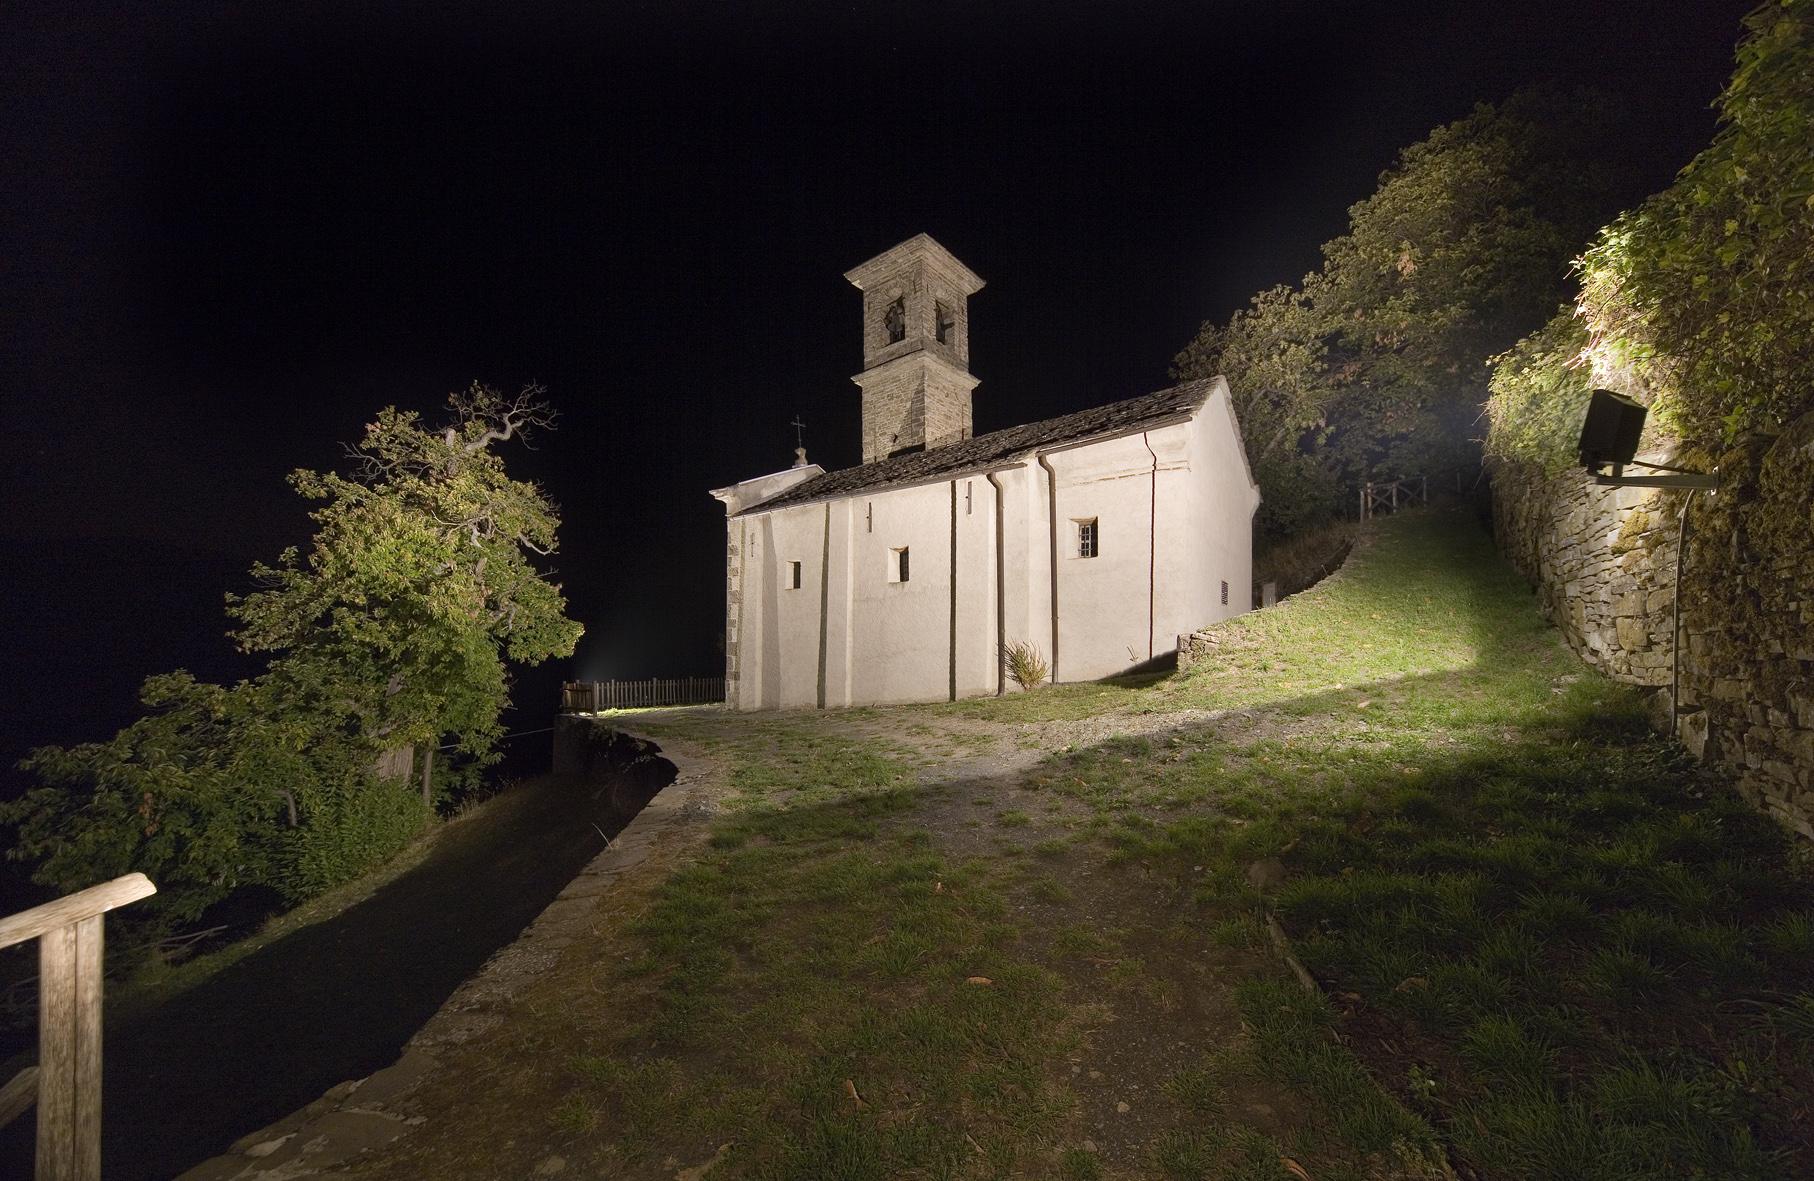 Estate delle Pievi - Borgo Val di Taro - Pieve di San Cristoforo - Credit Parma Turismi (2).jpg